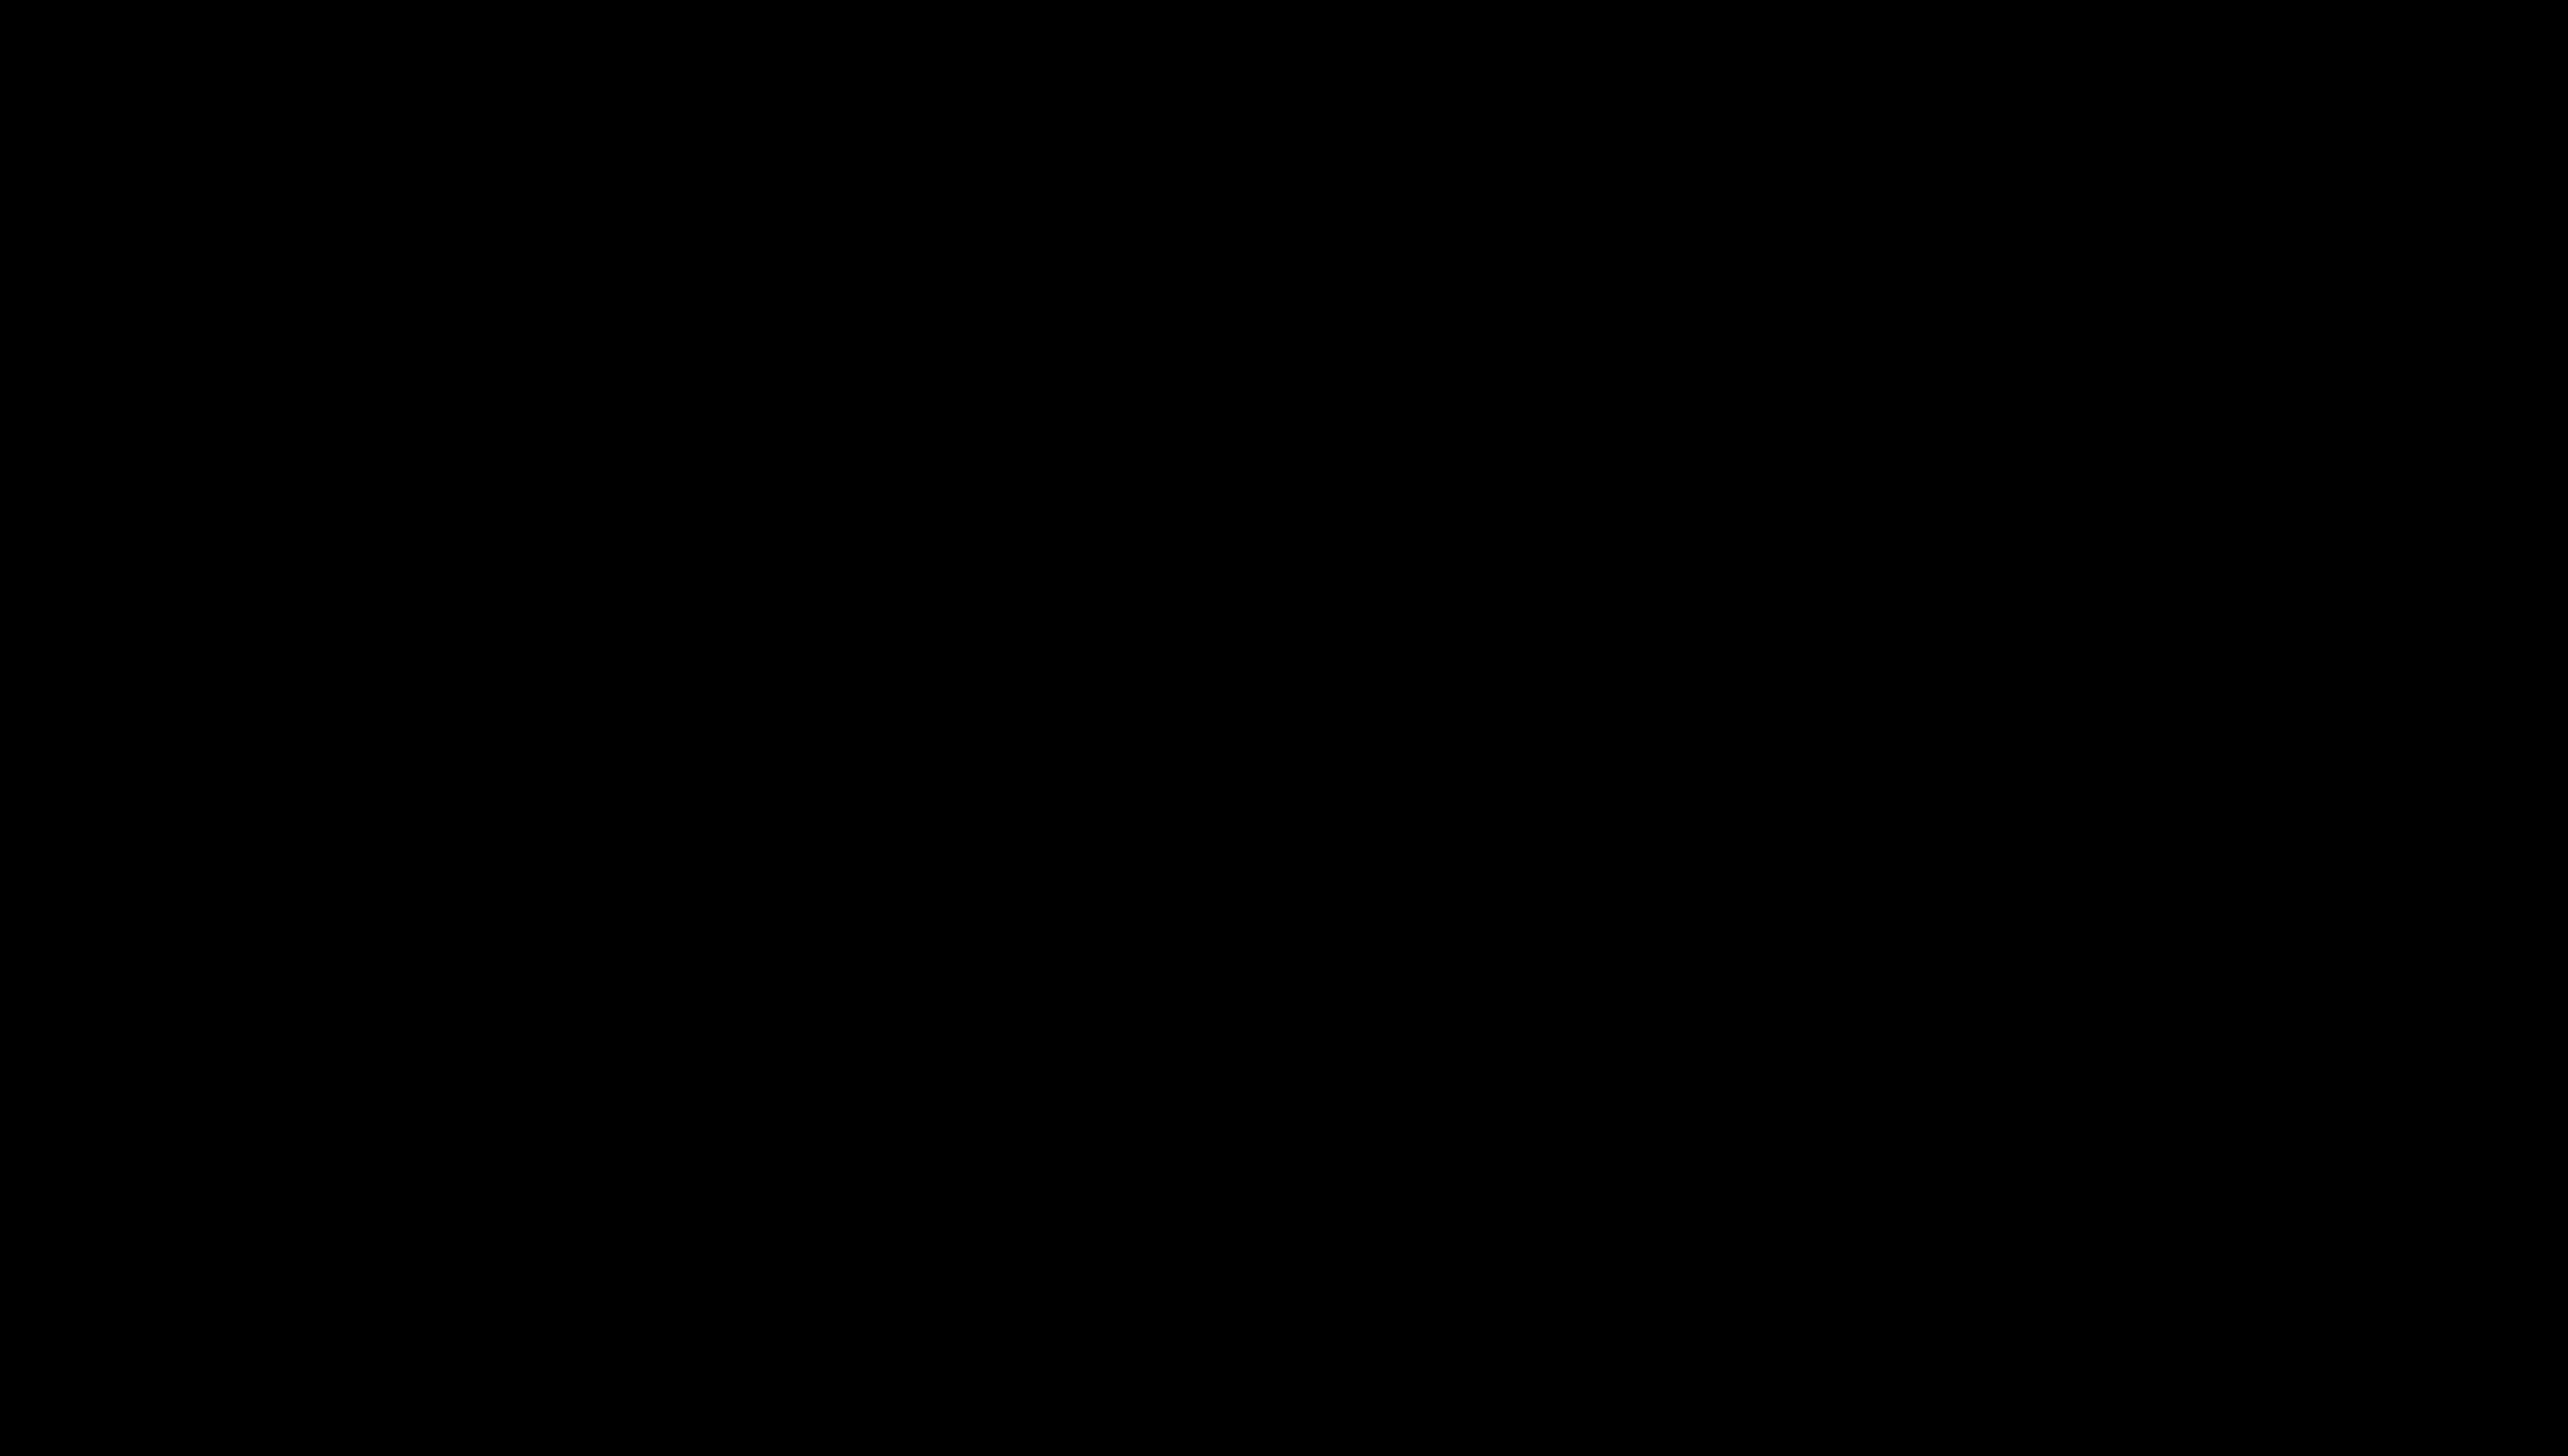 نقشه عملیات بادی دریایی Equinor در ایالات متحده (منبع: Equinor ASA)